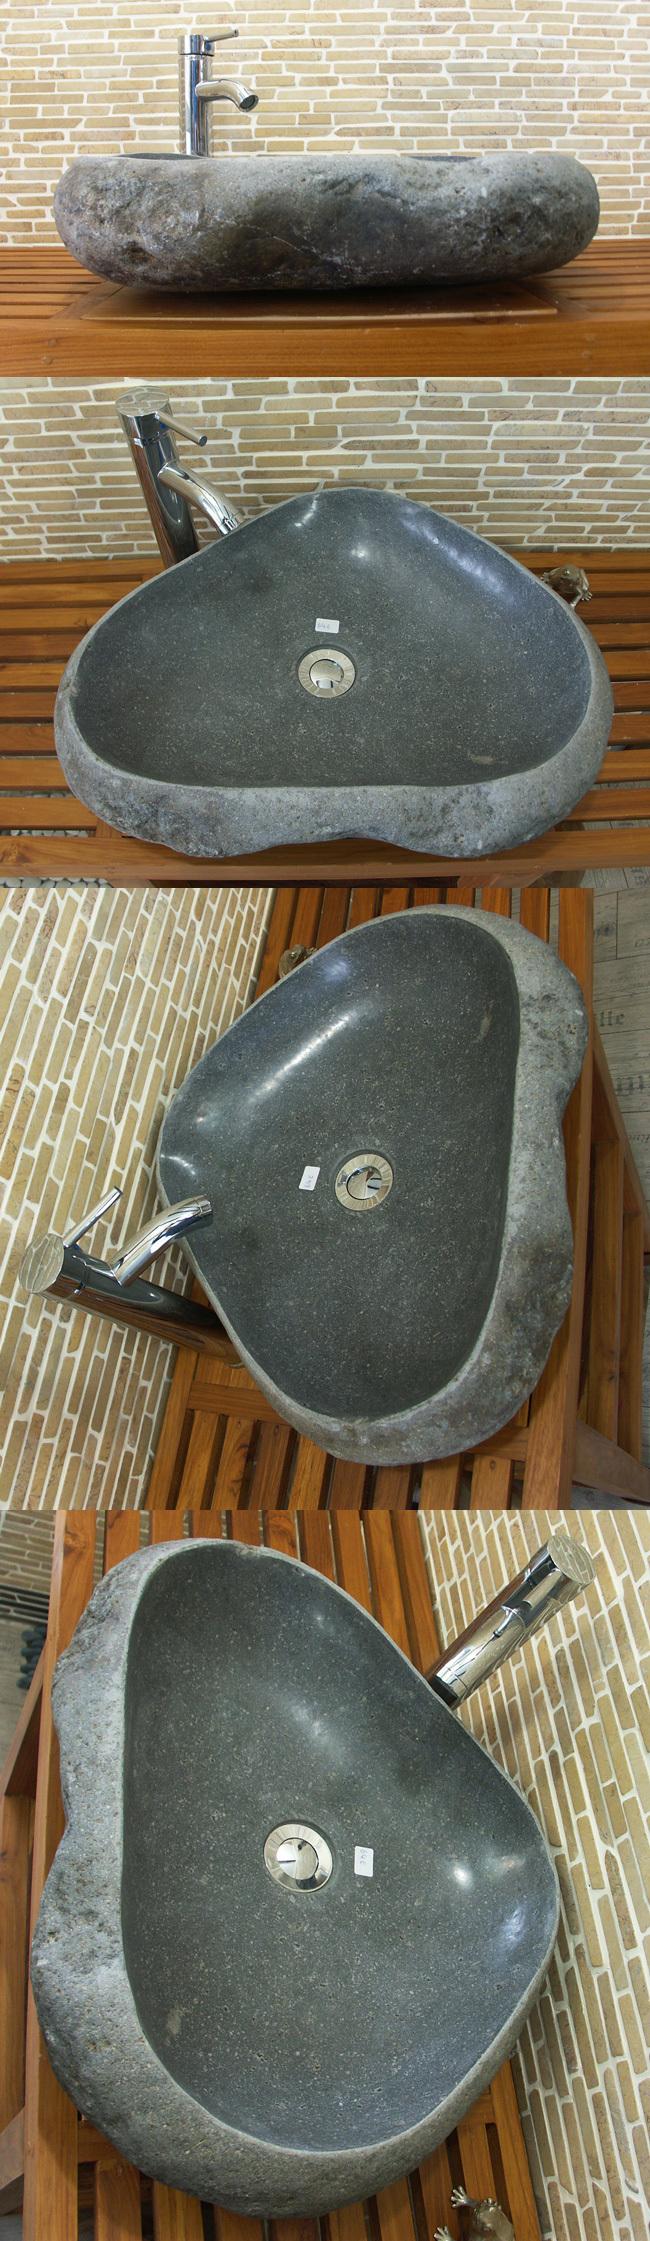 waschbecken aus flussstein bafs 64e ein unikat f r ihr bad. Black Bedroom Furniture Sets. Home Design Ideas